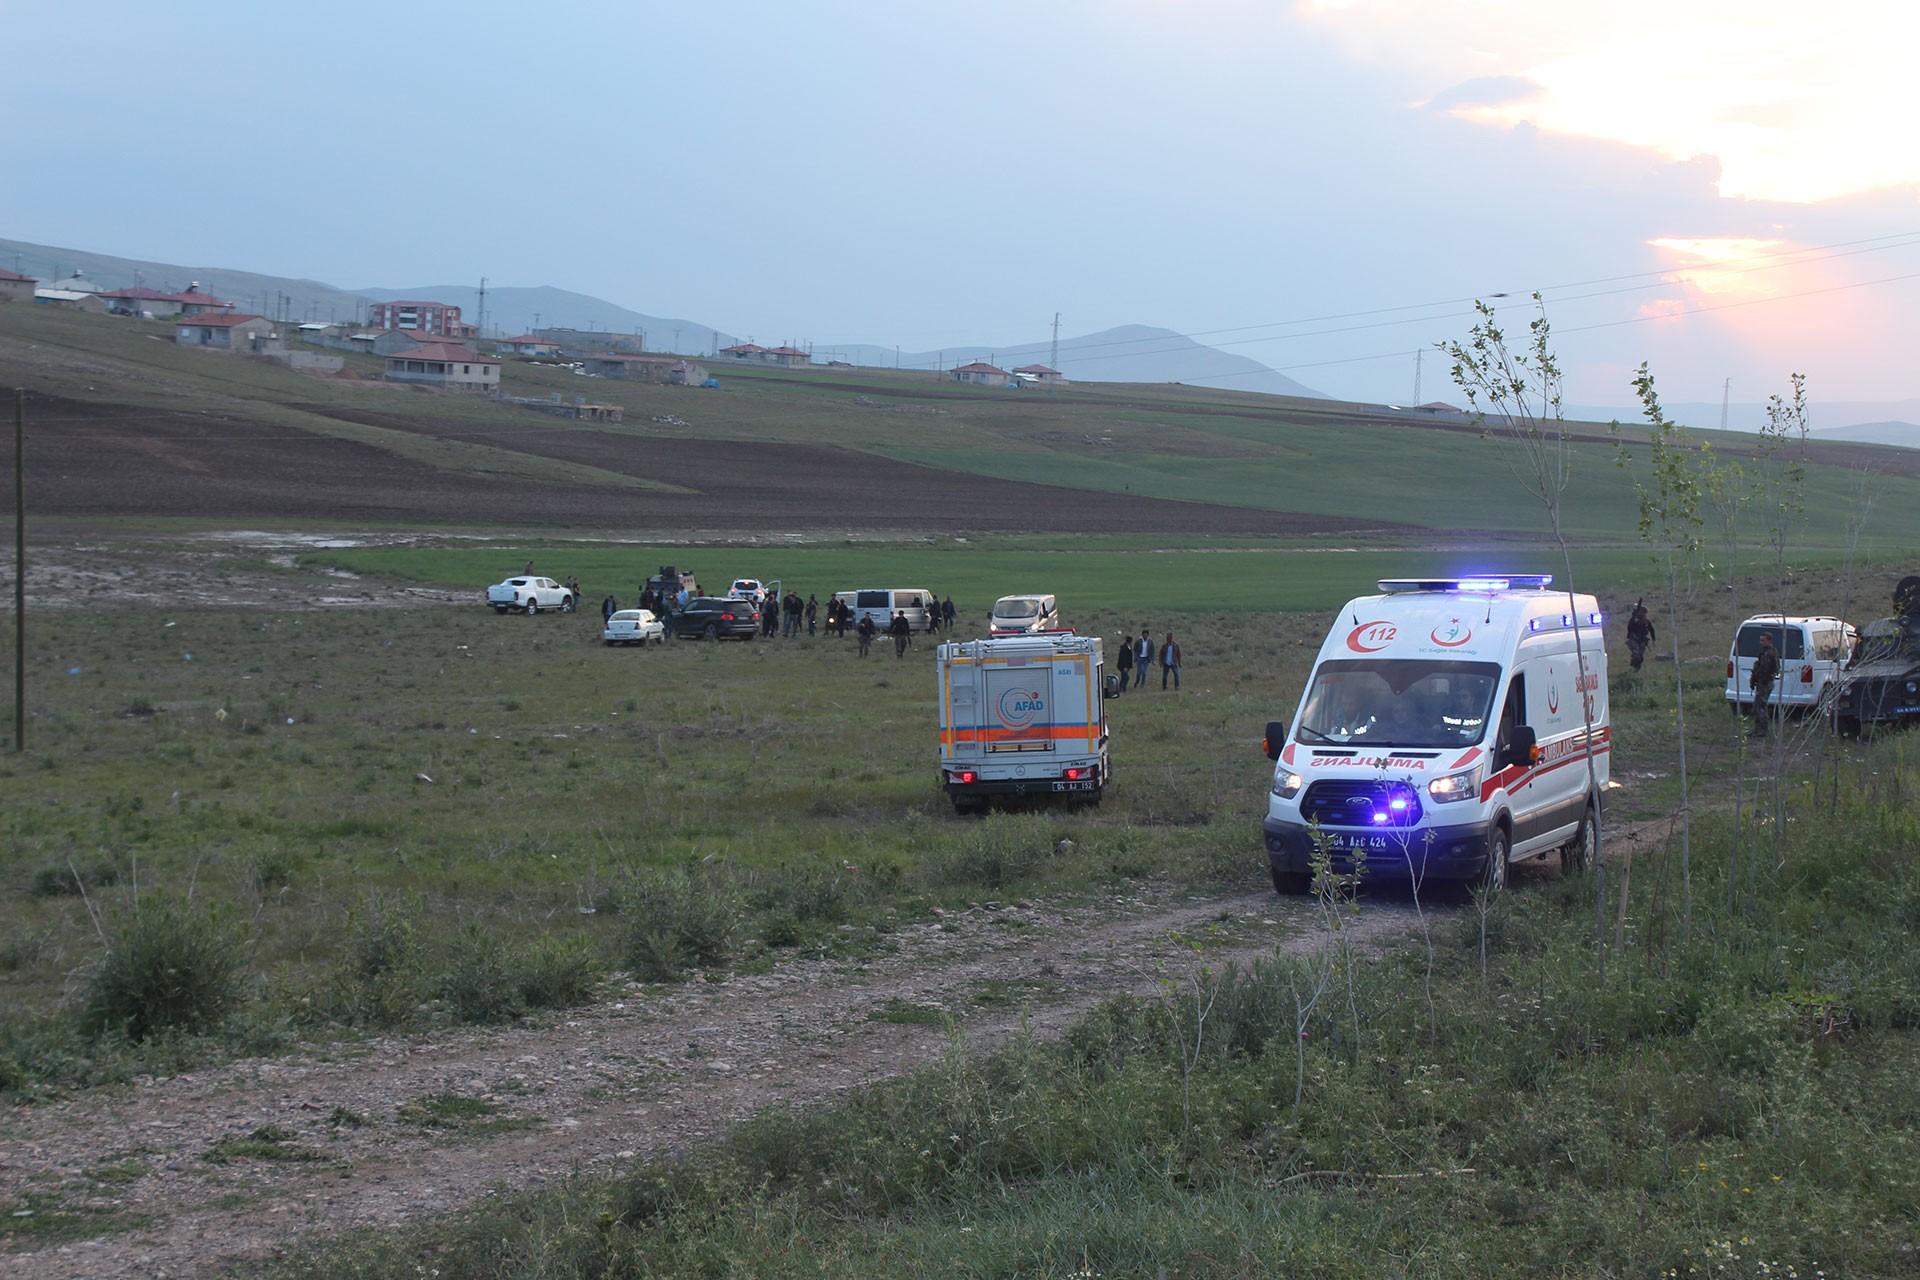 Ağrı'da meydana gelen sel nedeniyle 4 kişi yaşamını yitirdi.